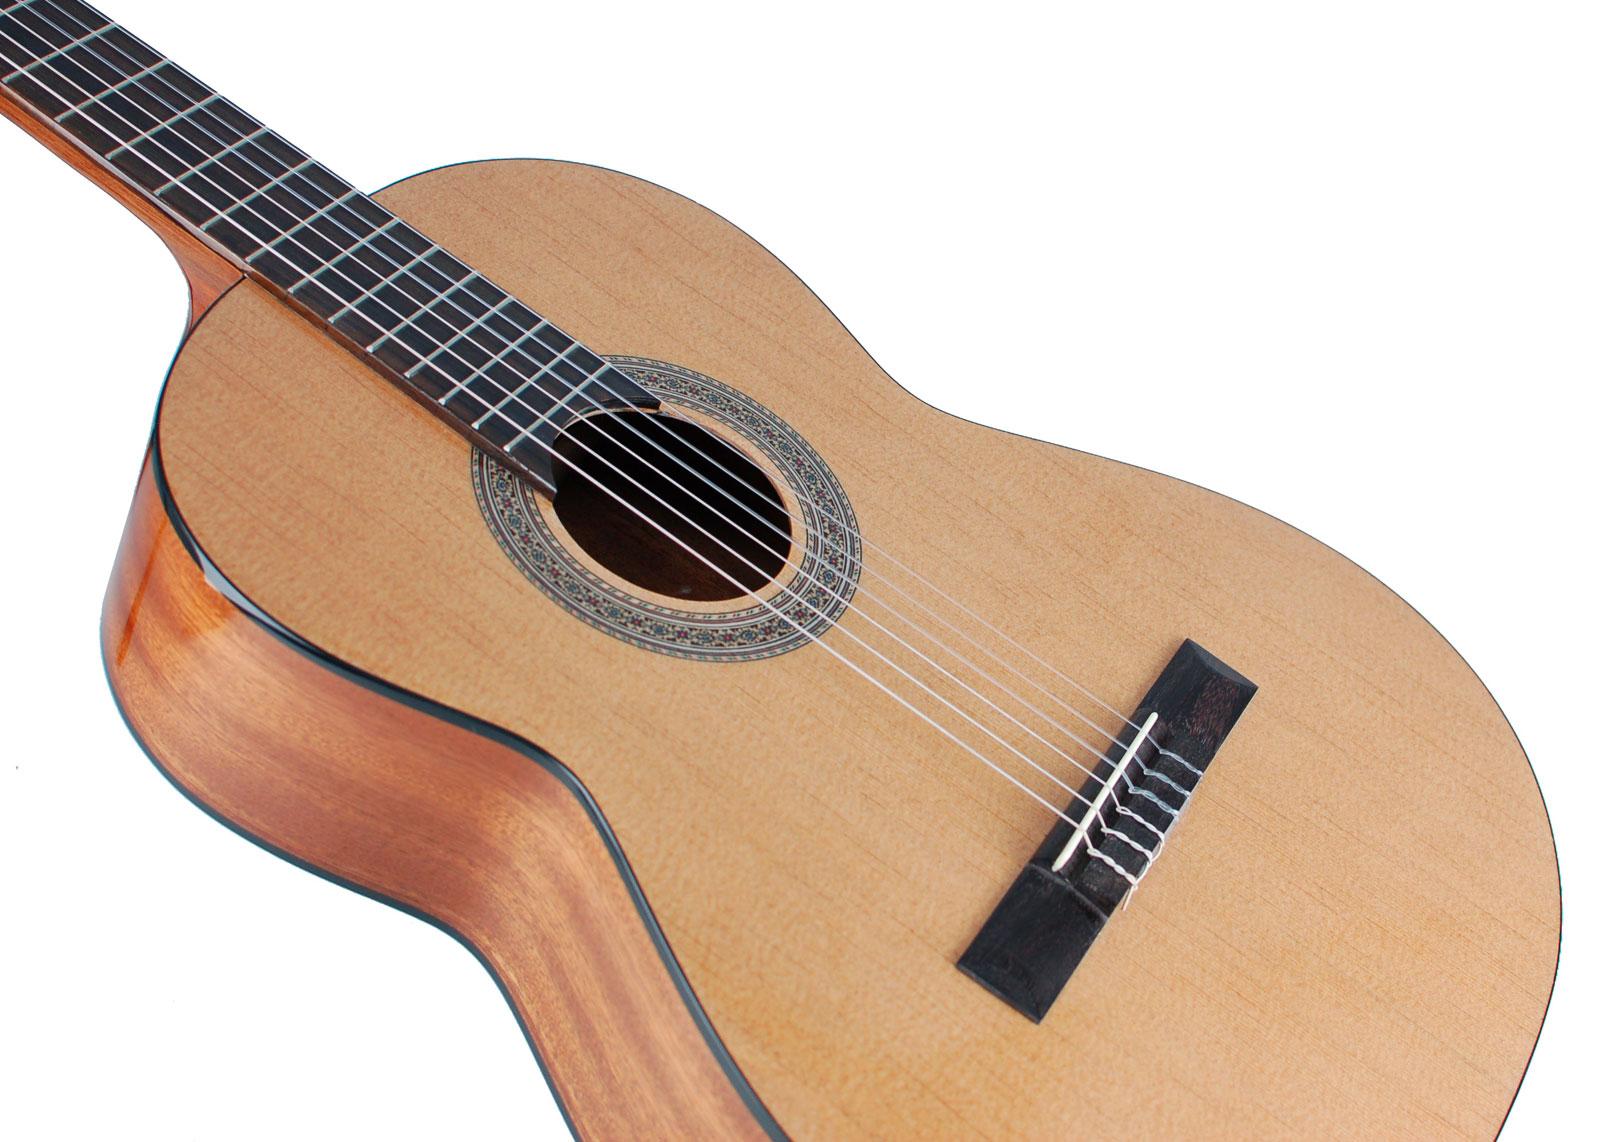 матированной насечки картинки с классическими гитарами столик зеркалом